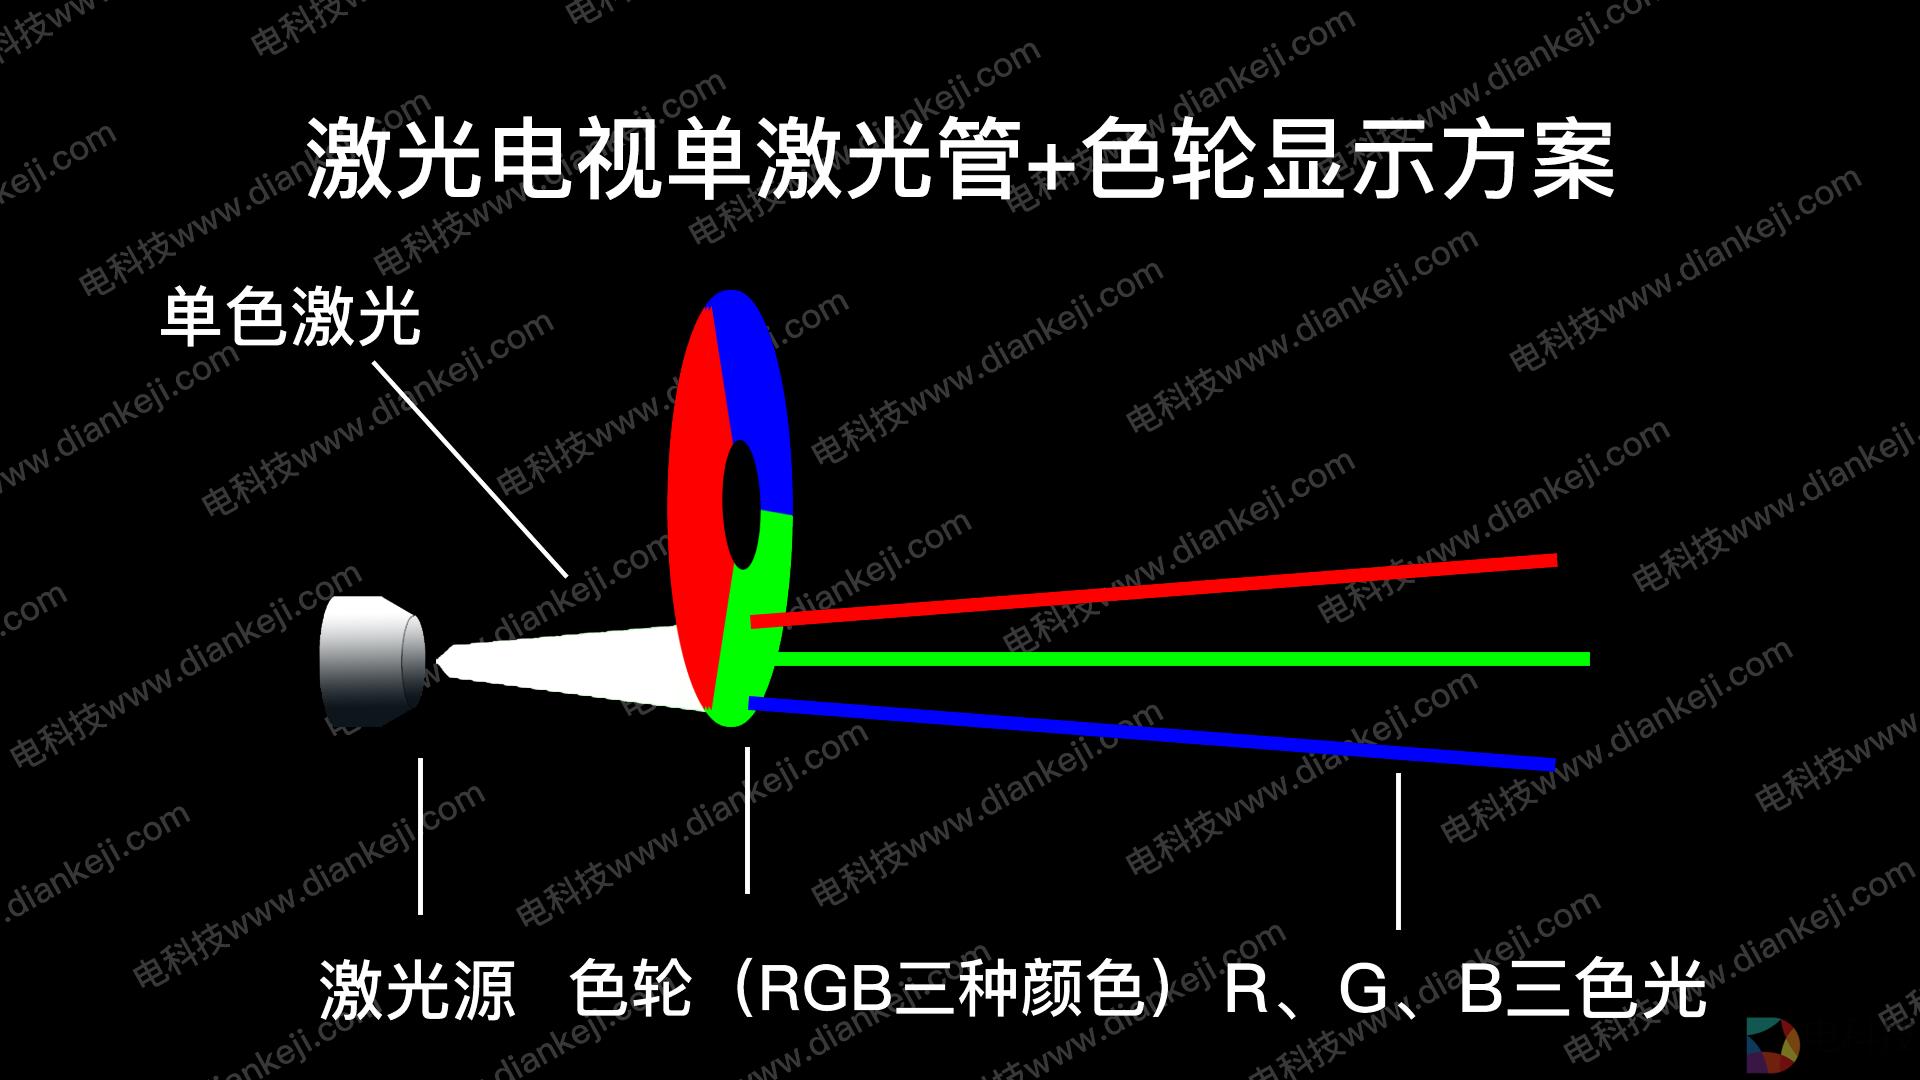 单激光管色轮